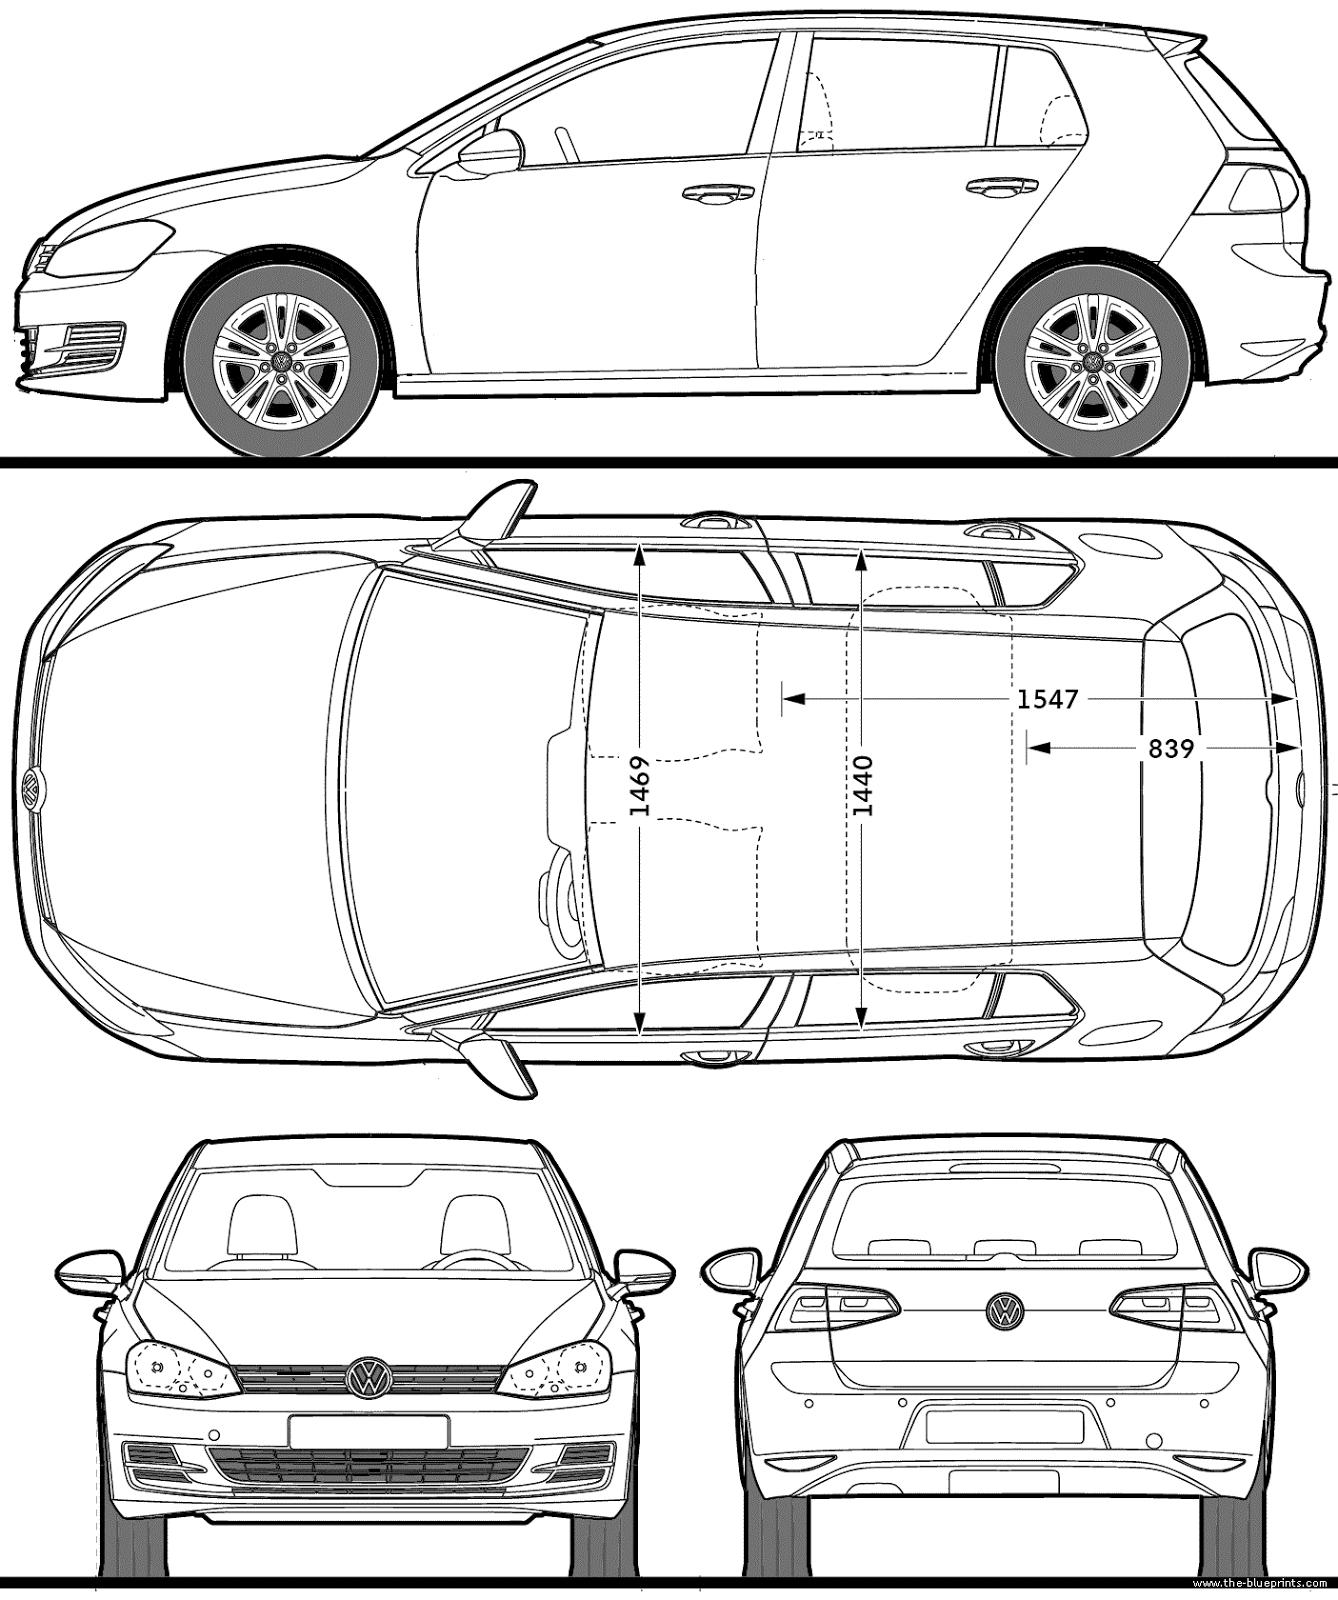 Volkswagen Golf 5 volkswagenpolomk5